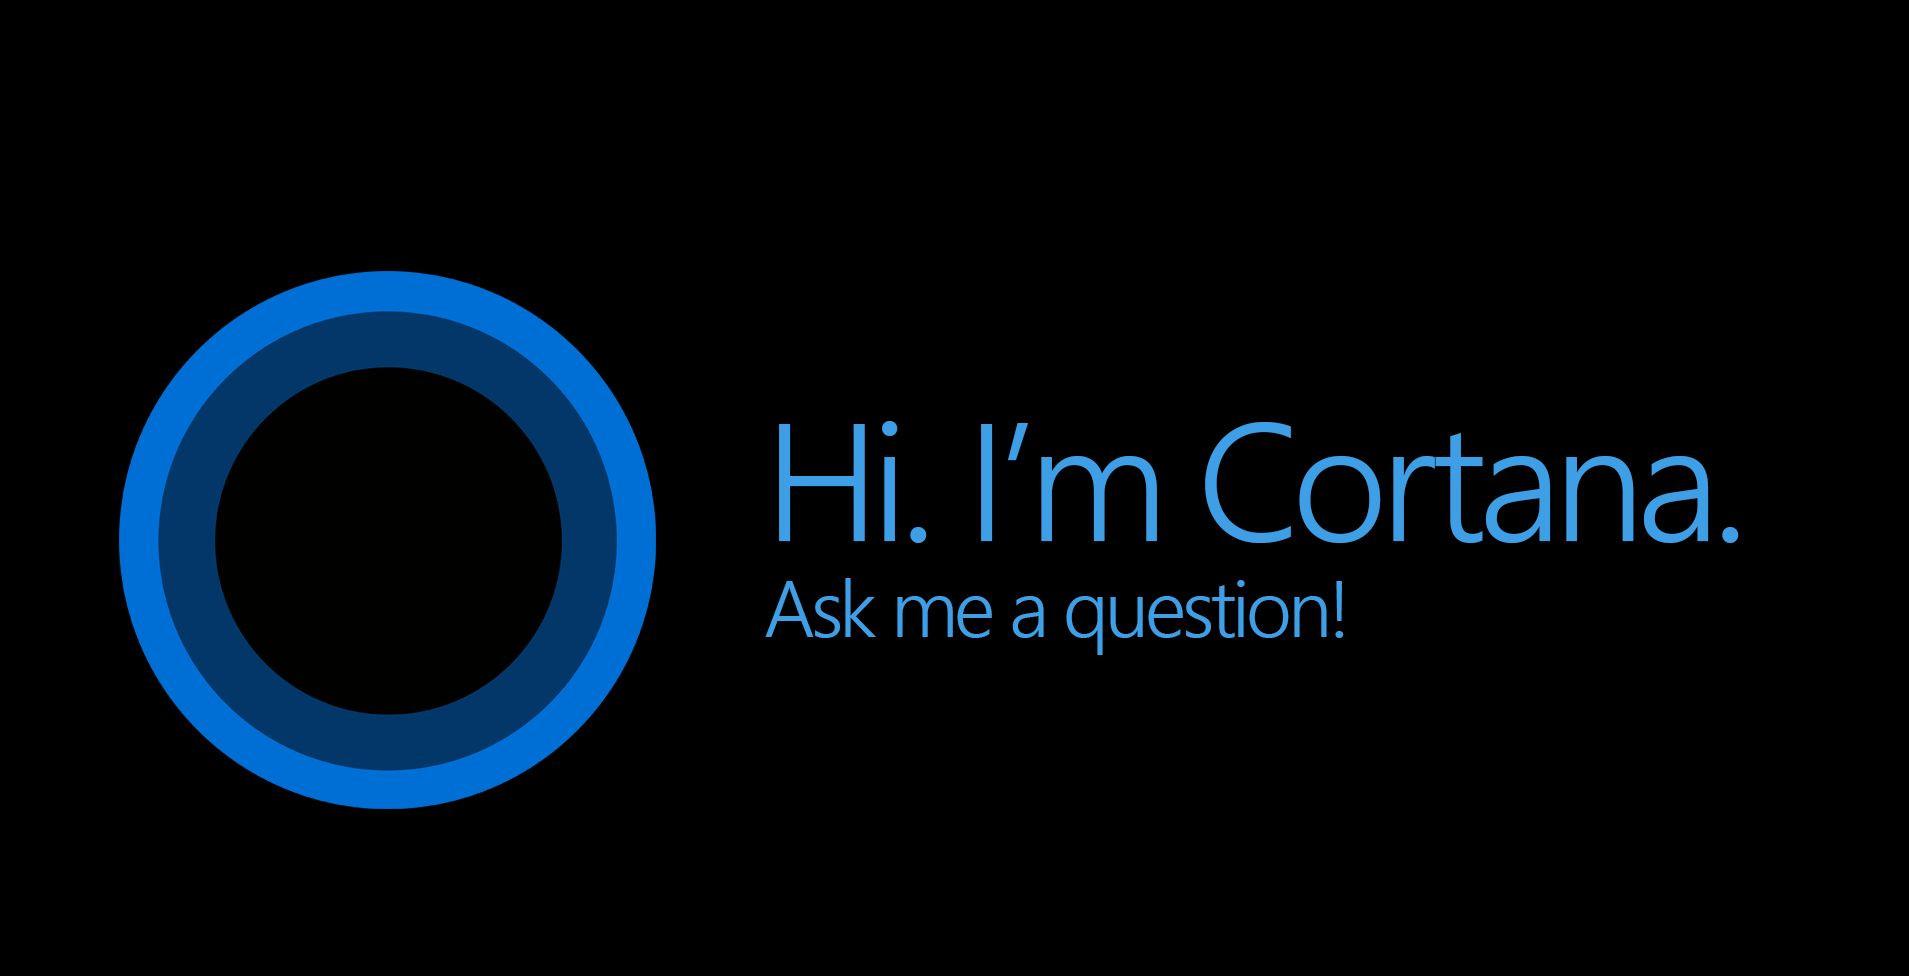 Cortana_Кортана.jpg